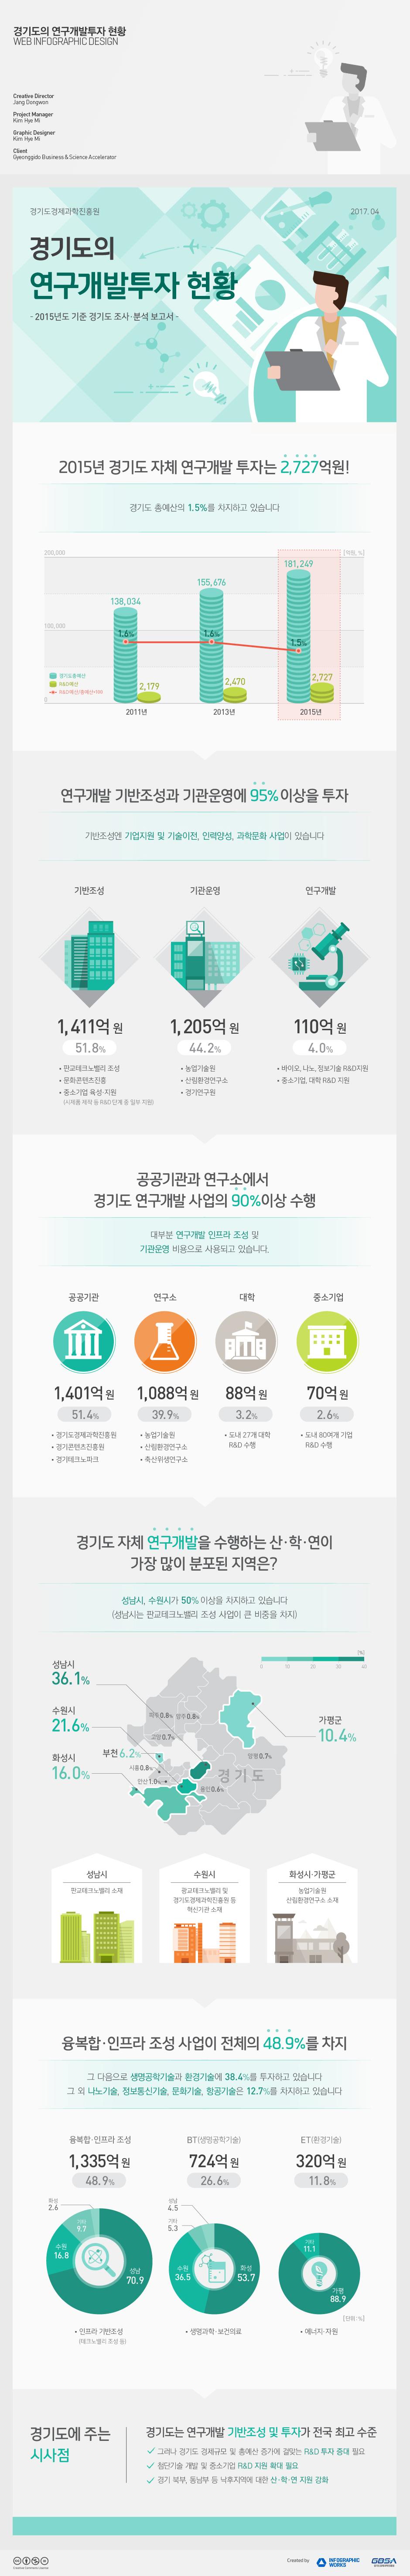 경기도의-연구개발투자현황-홈페이지